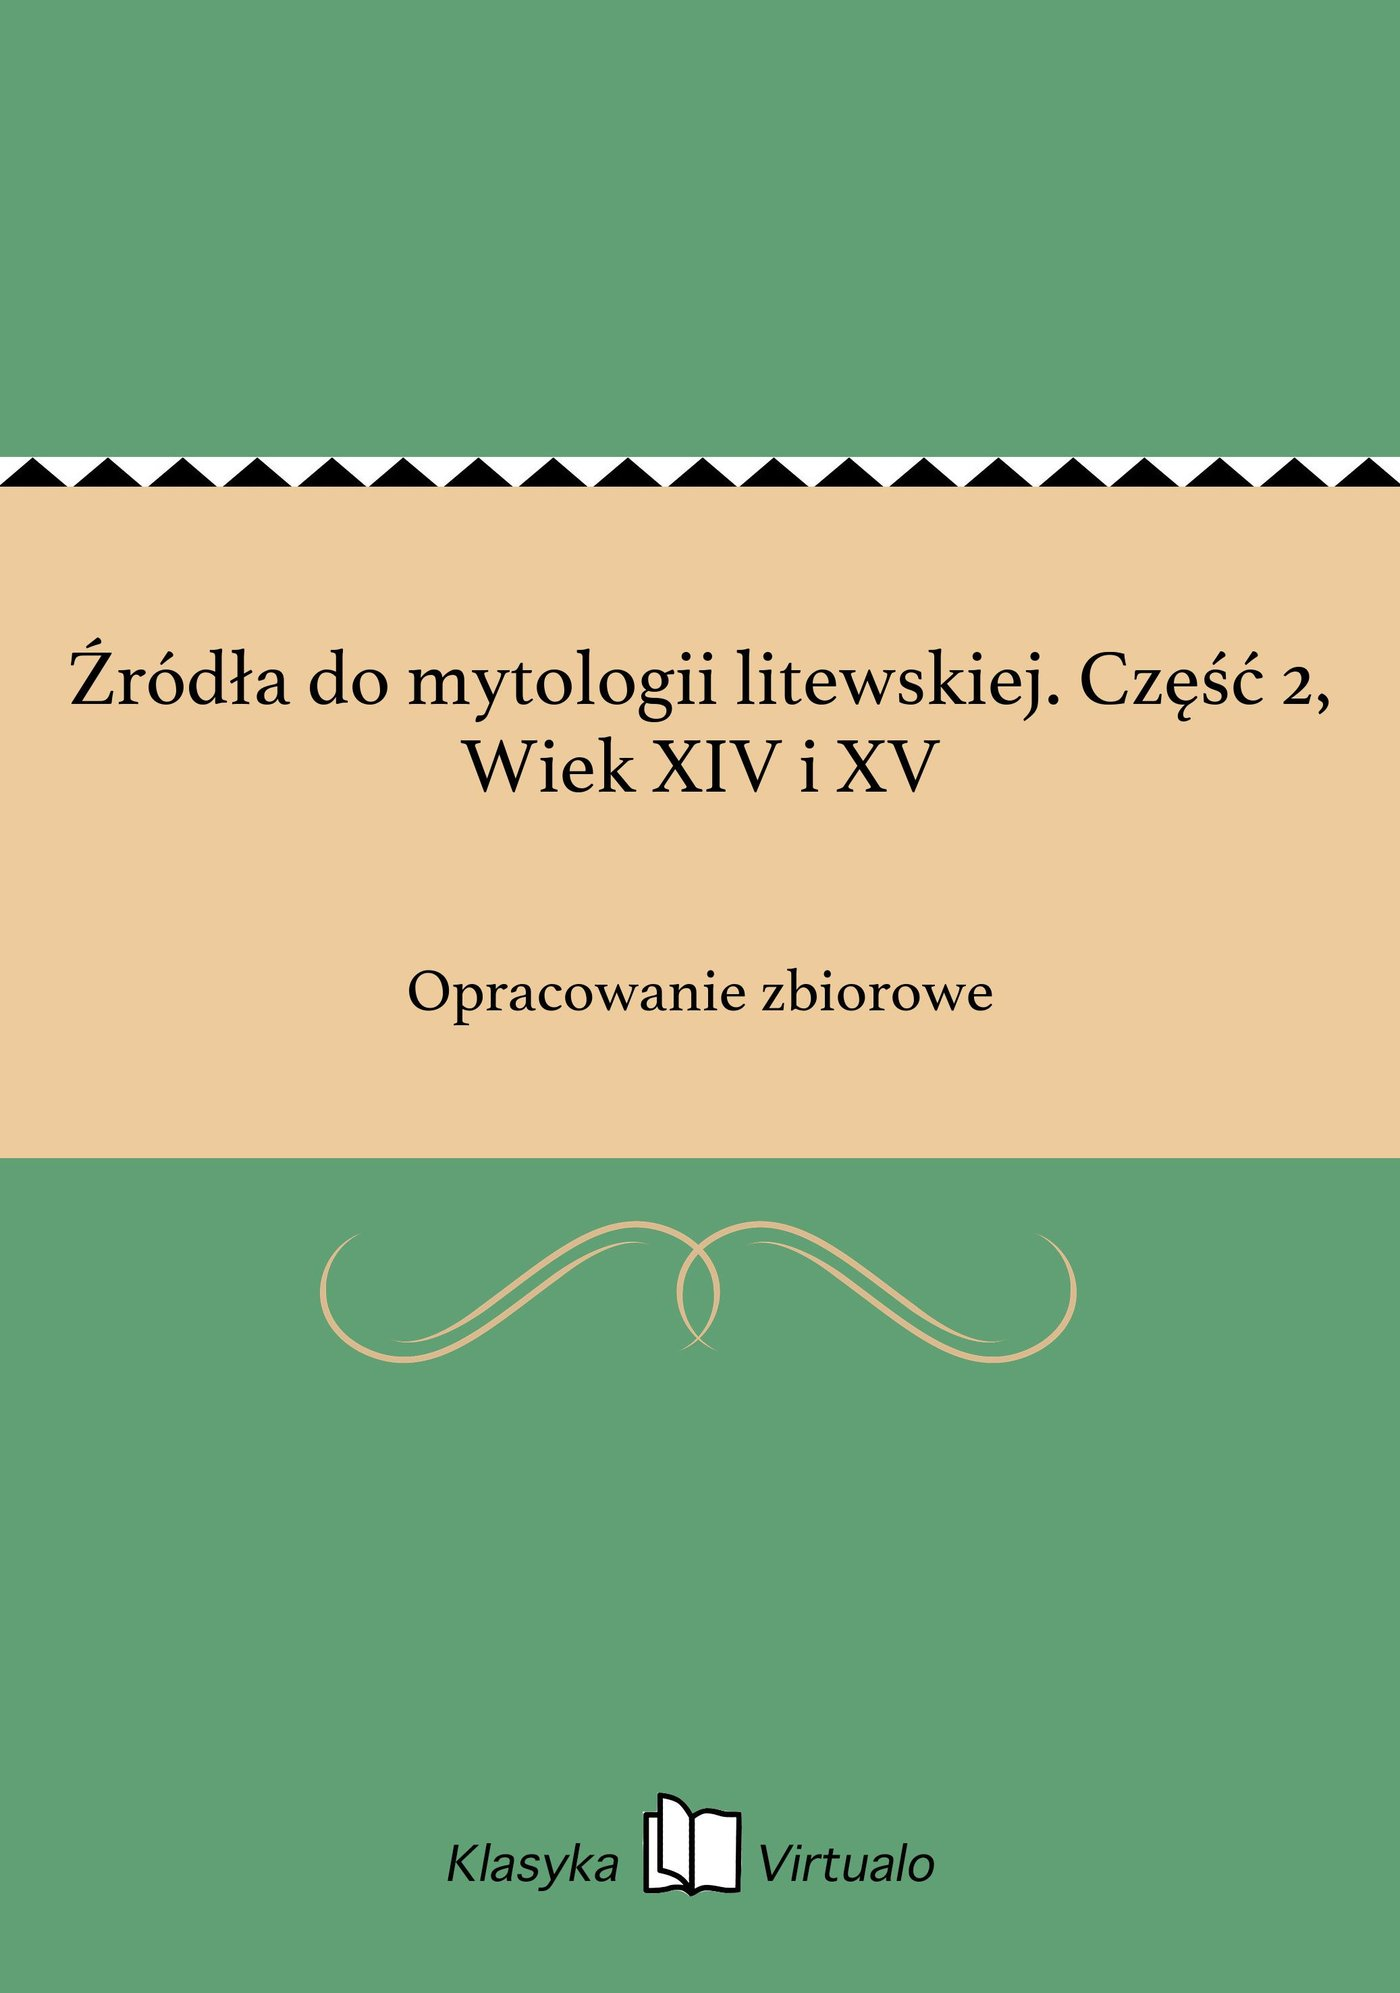 Źródła do mytologii litewskiej. Część 2, Wiek XIV i XV - Ebook (Książka EPUB) do pobrania w formacie EPUB